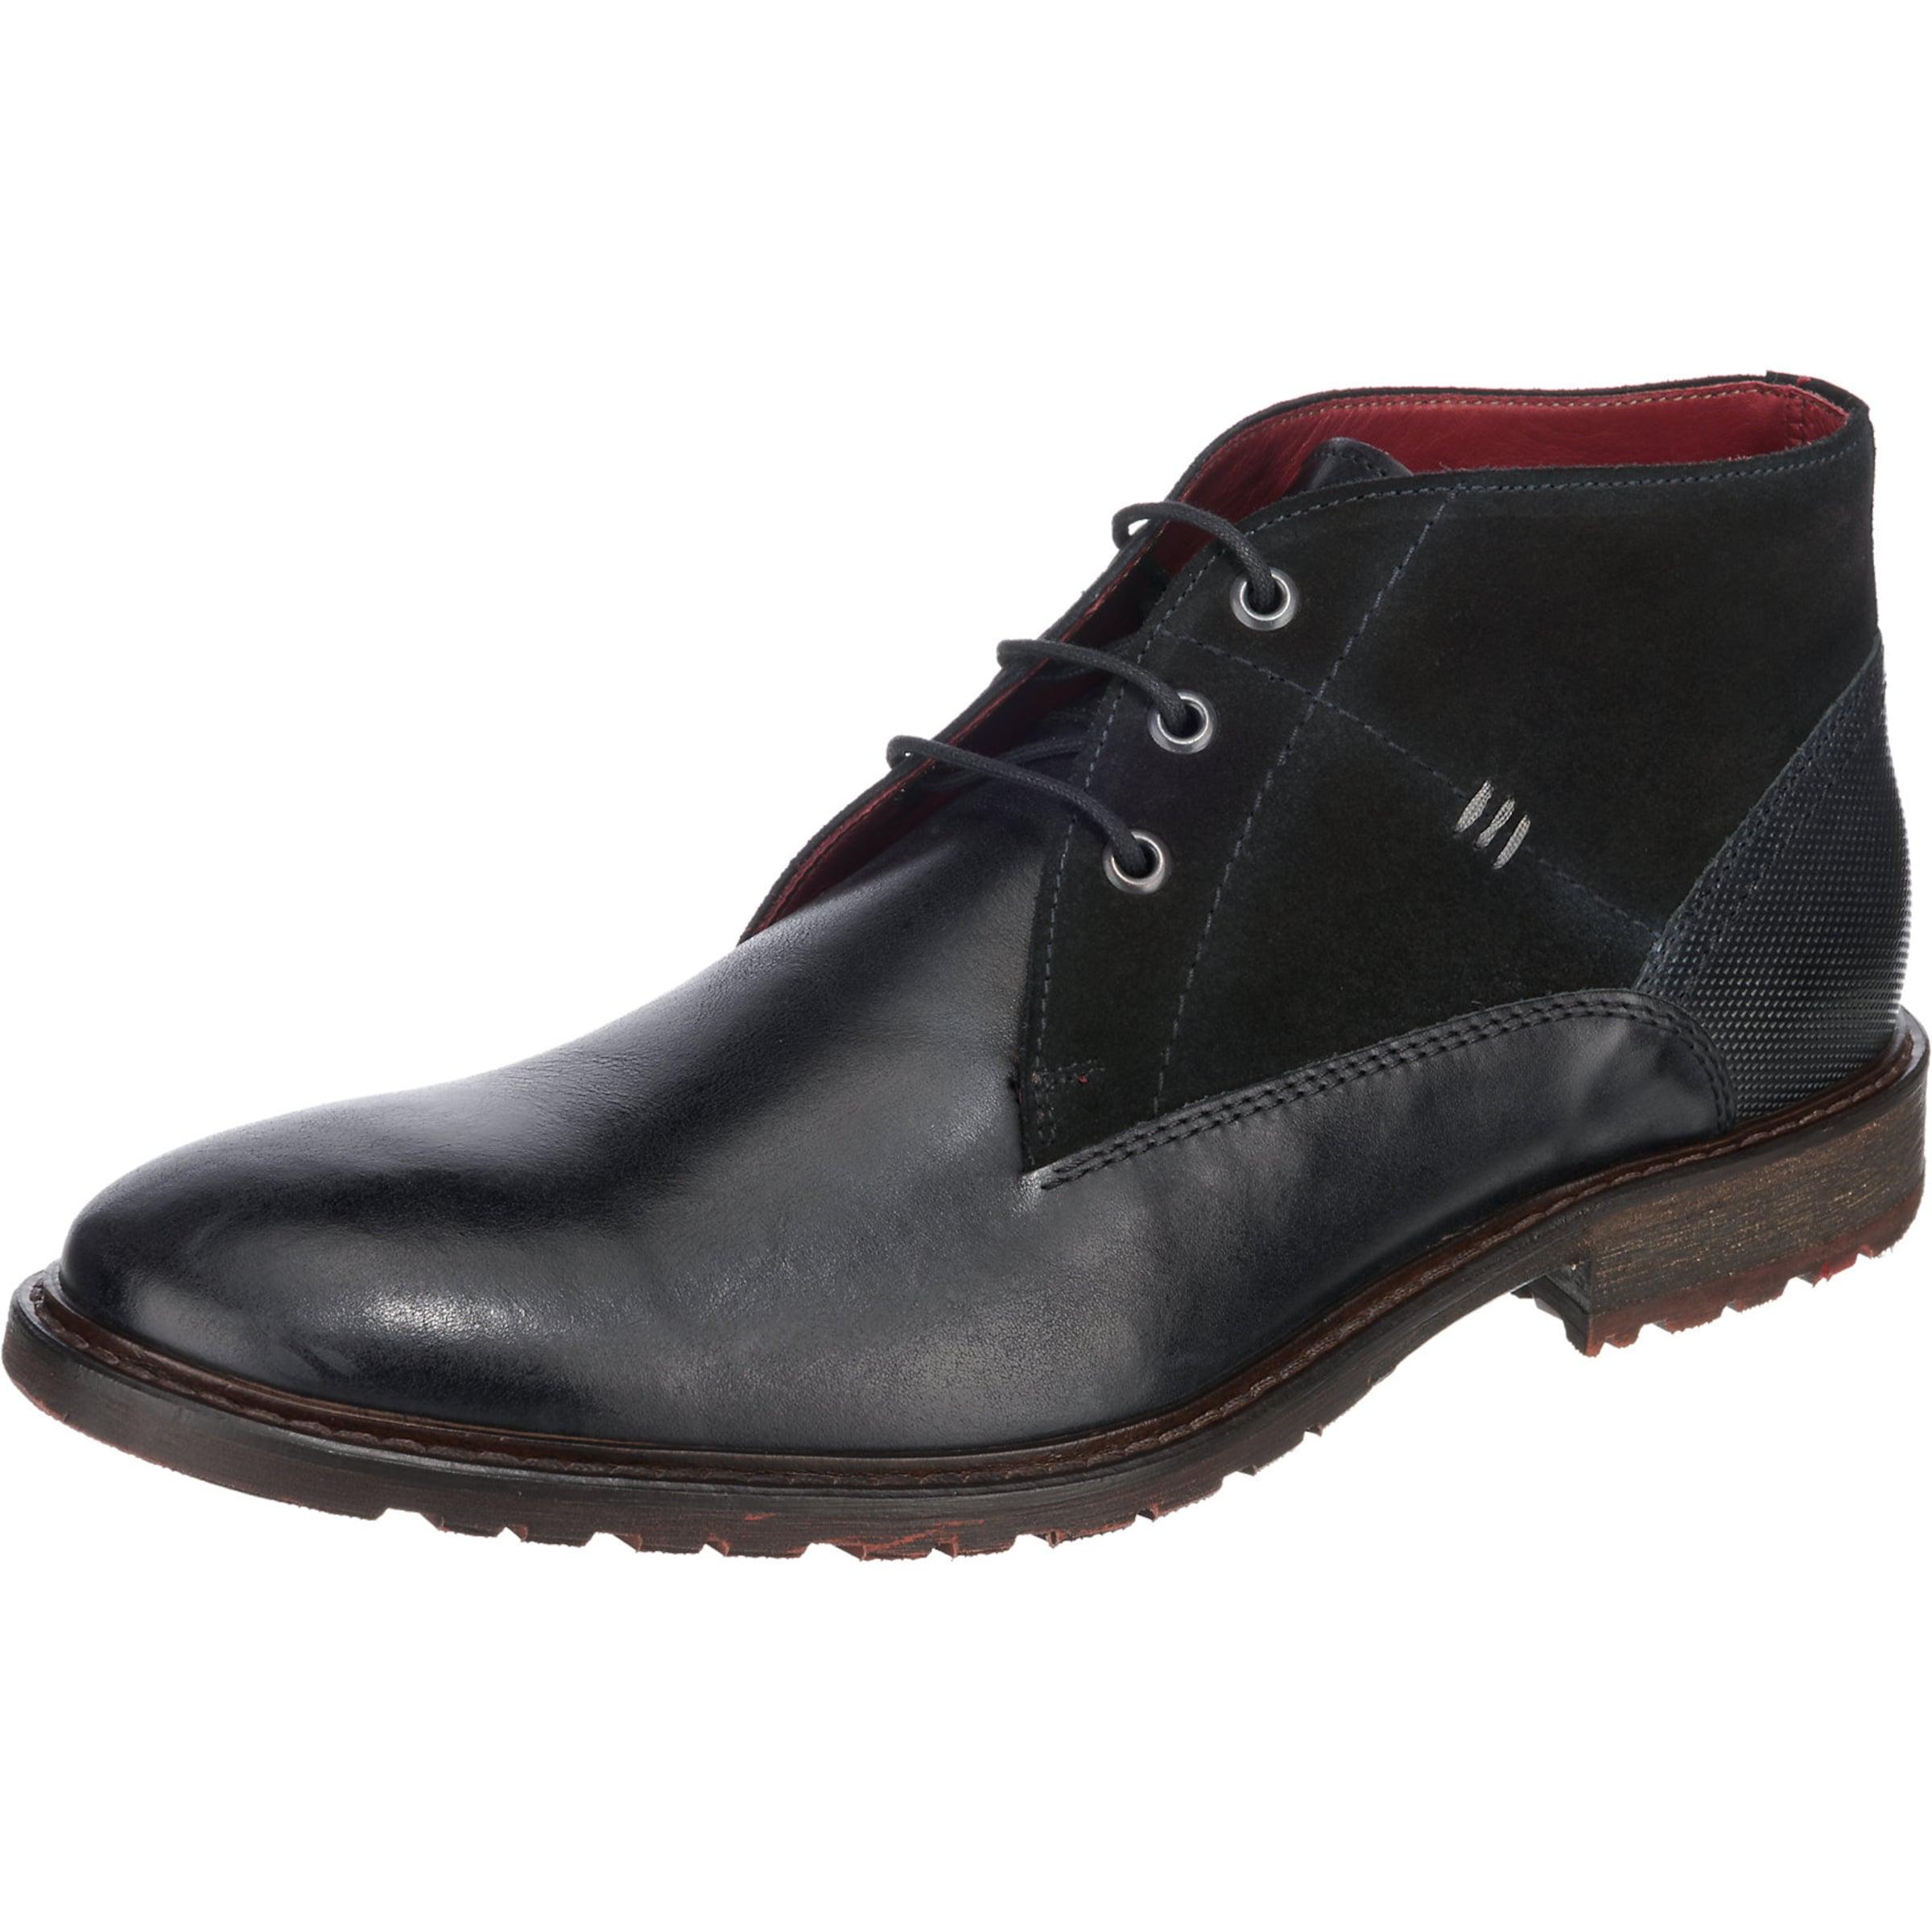 LLOYD Severin Stiefeletten Verschleißfeste billige Schuhe